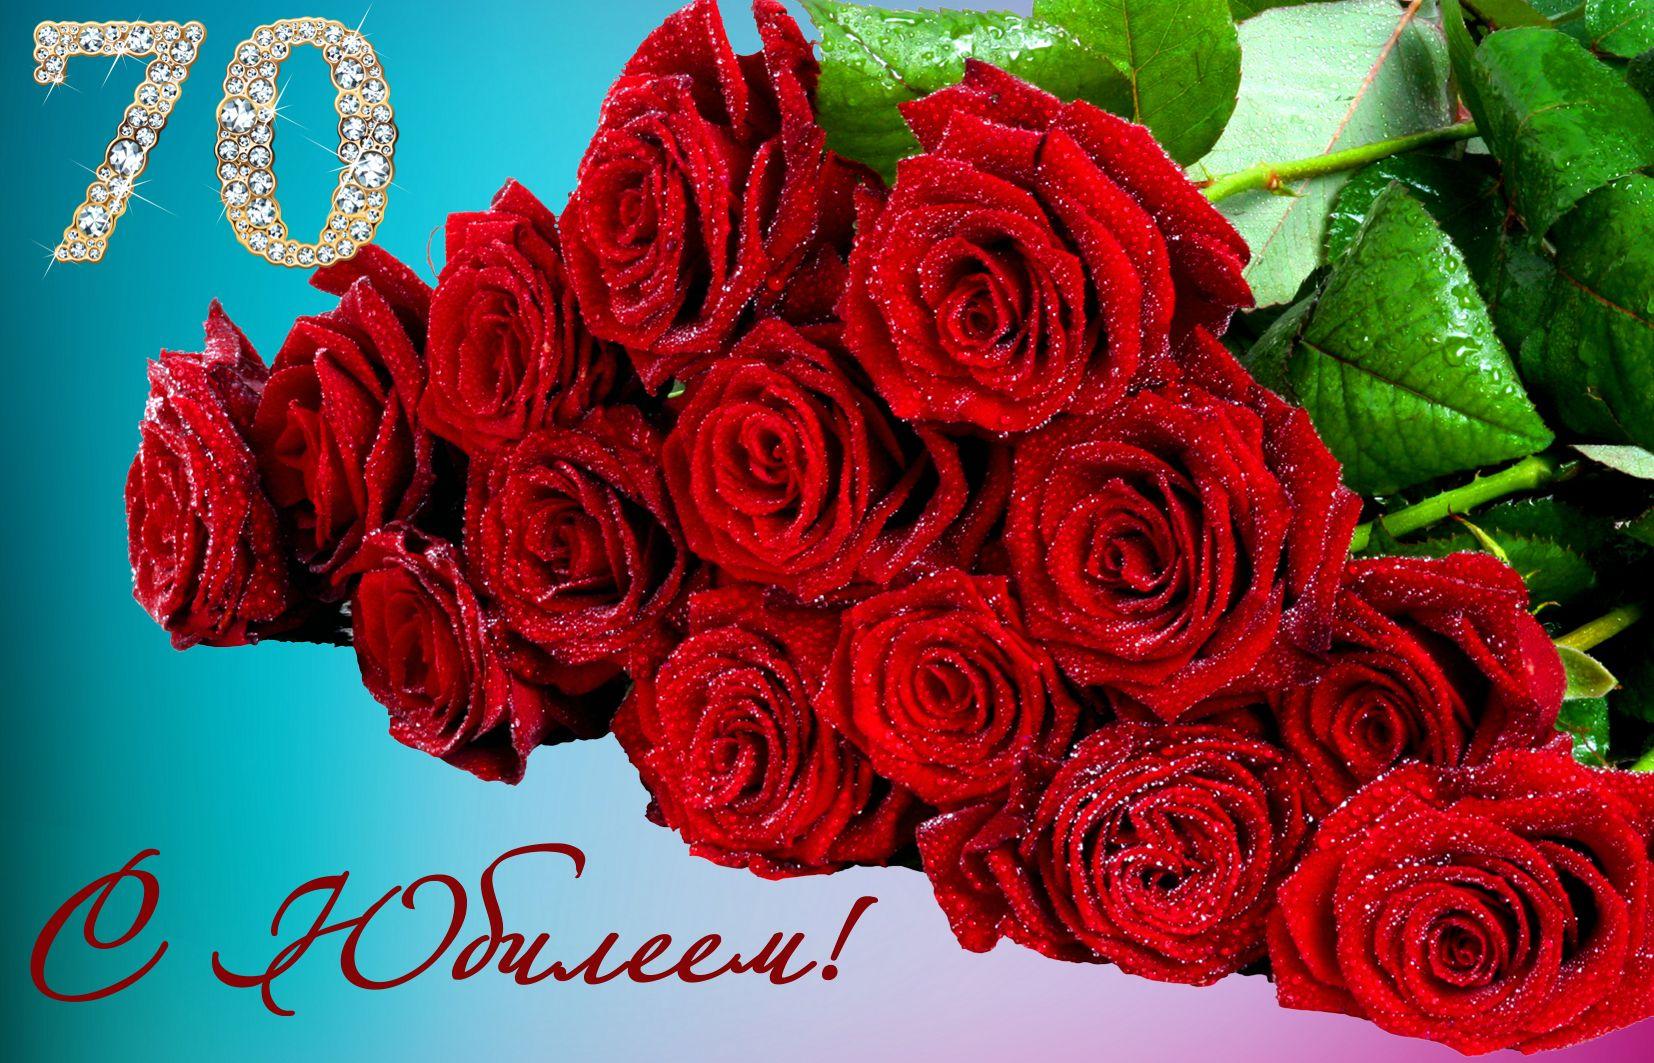 Открытка на 70 лет - розы в капельках росы к юбилею